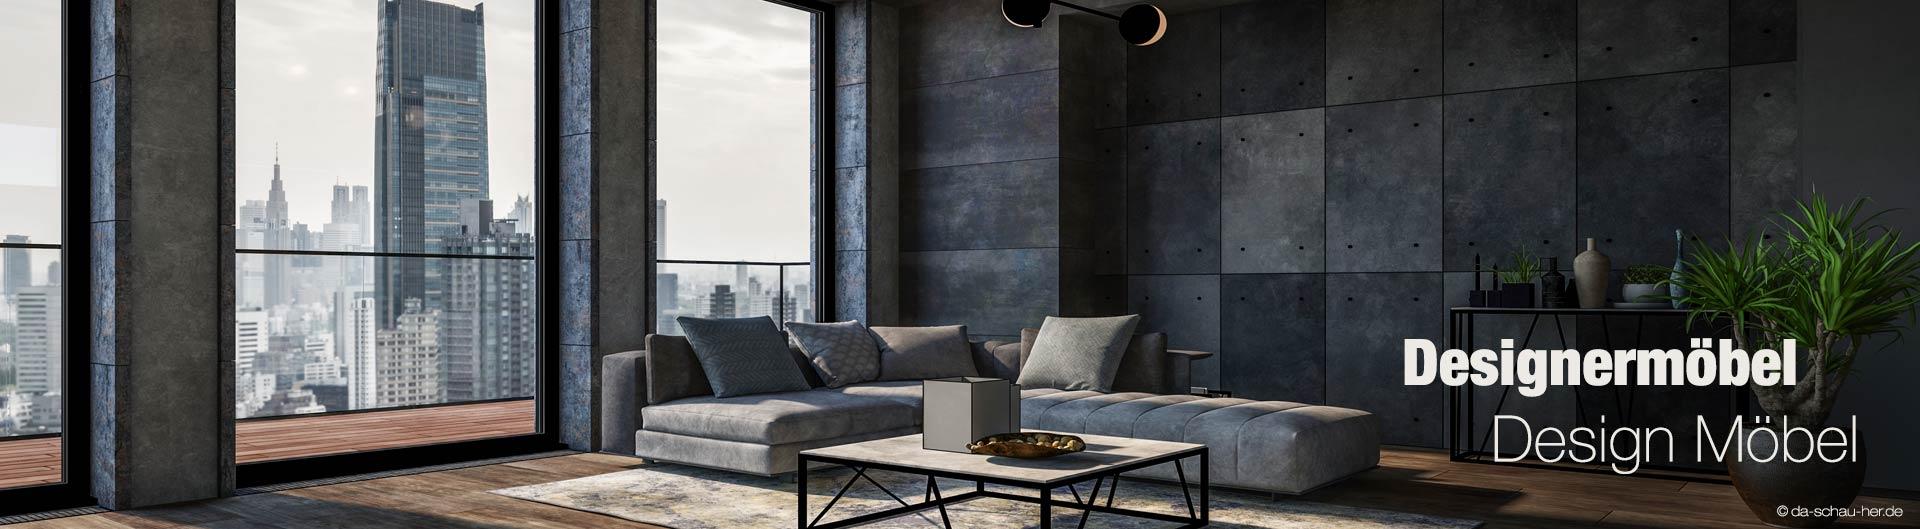 designermöbel augsburg design möbel | da-schau-her.de